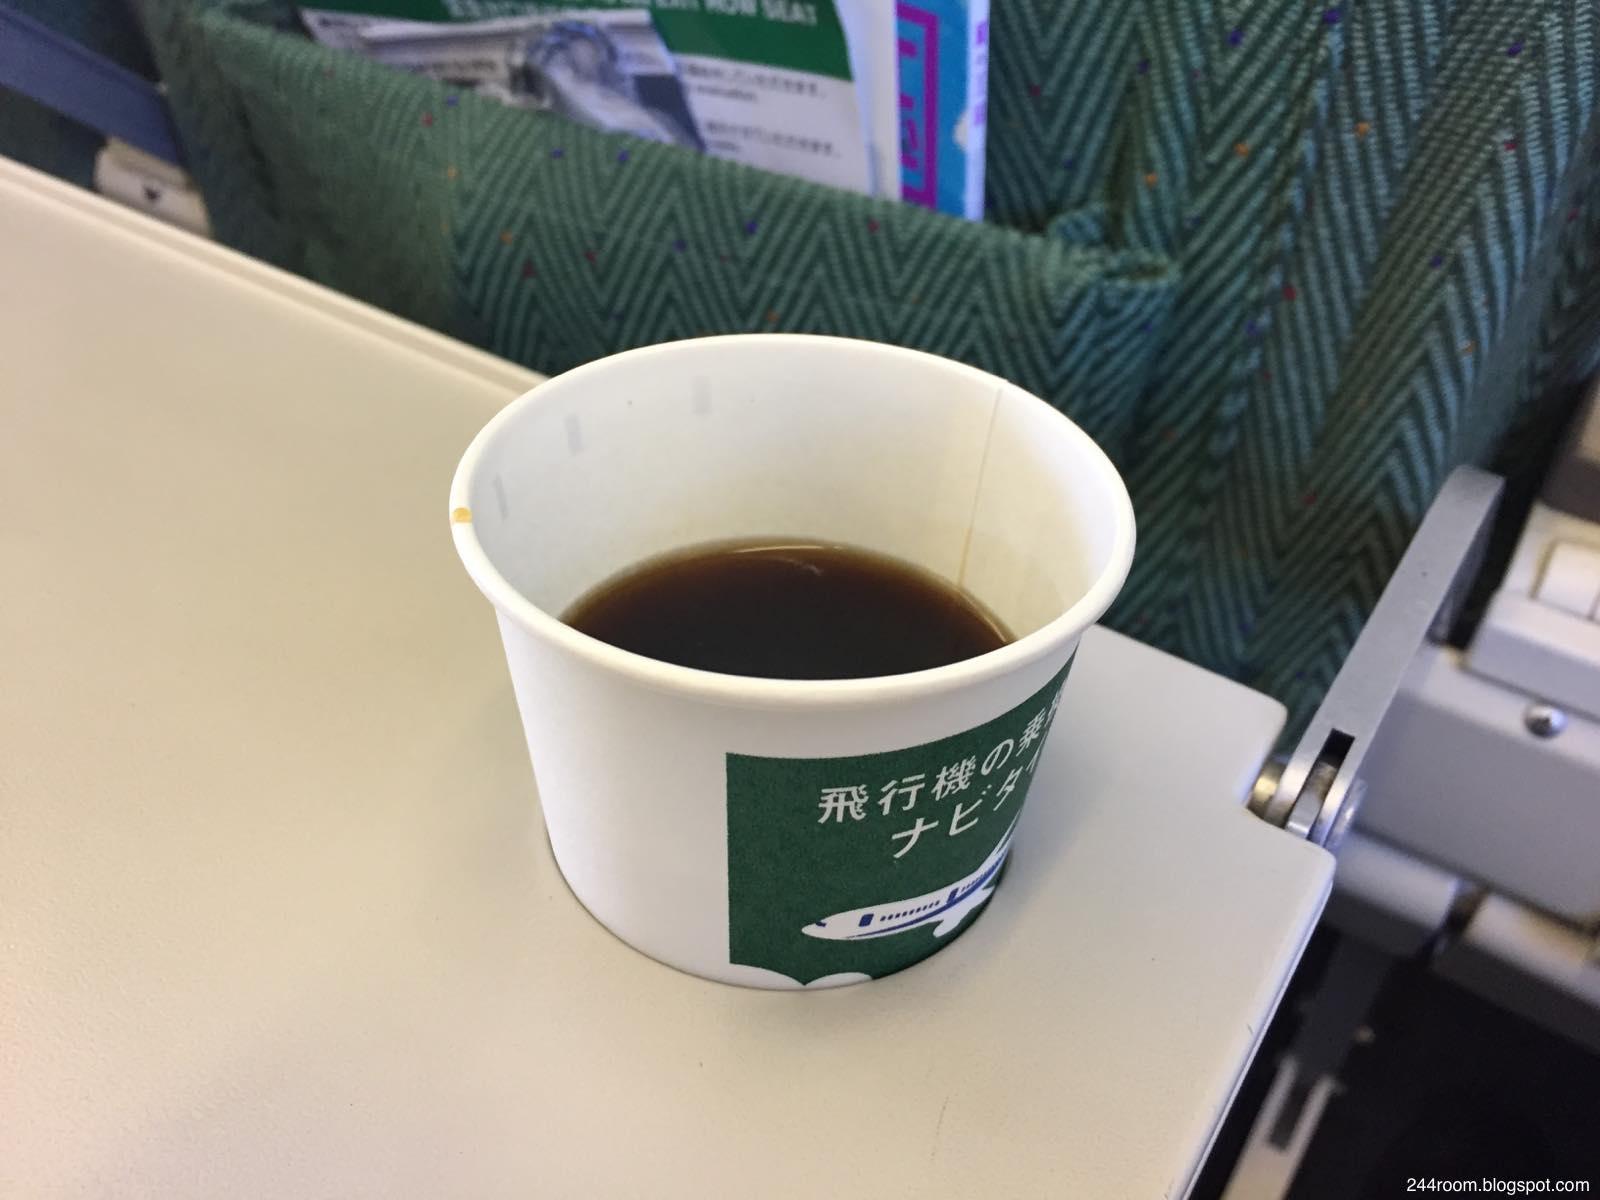 ANAの機内コーヒー ANA-Coffee